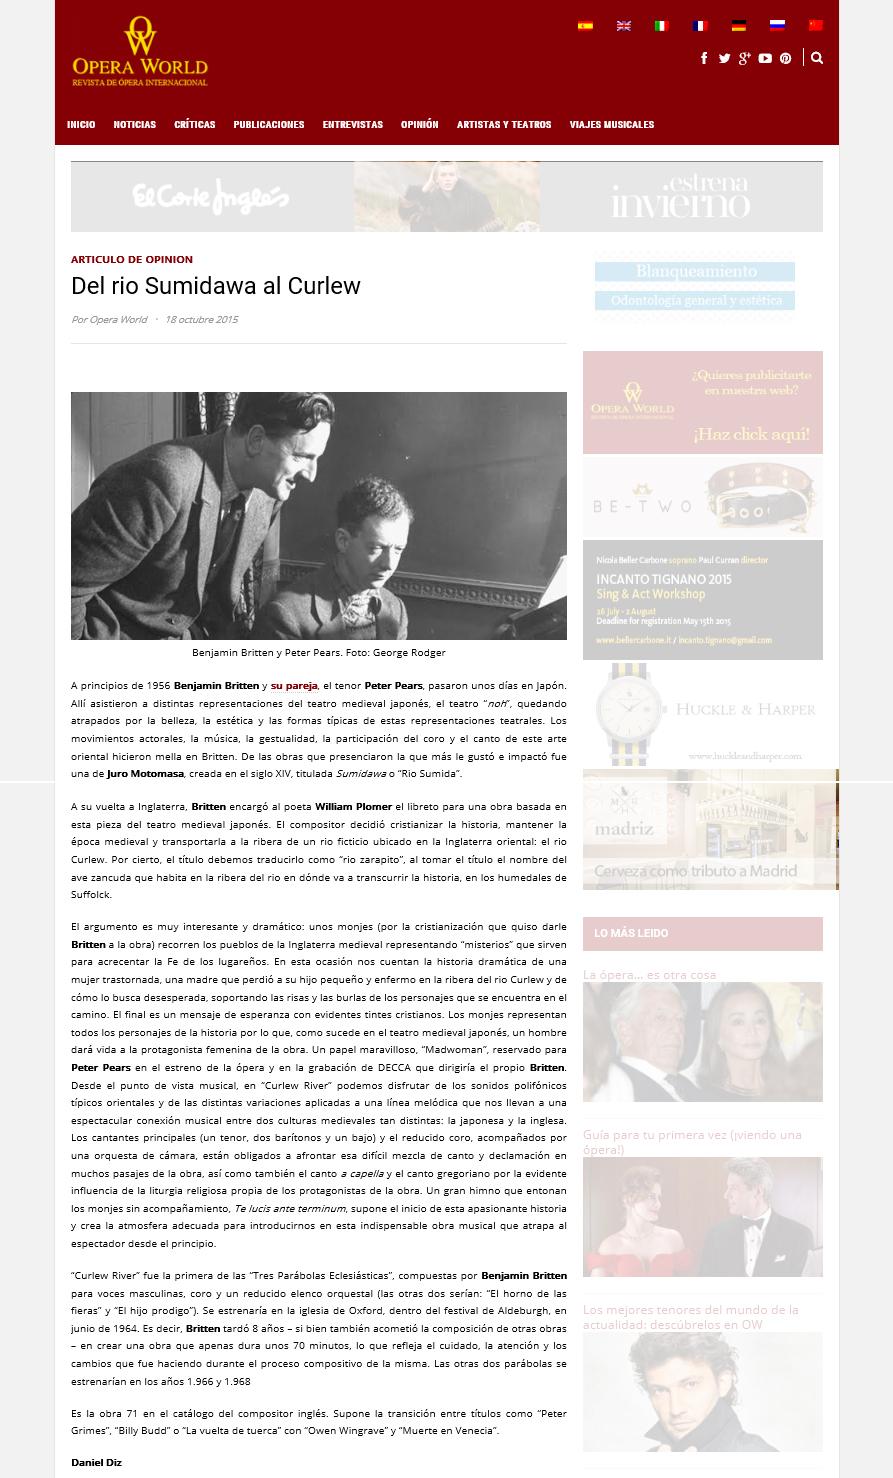 Artículo Curlew River en Ópera World